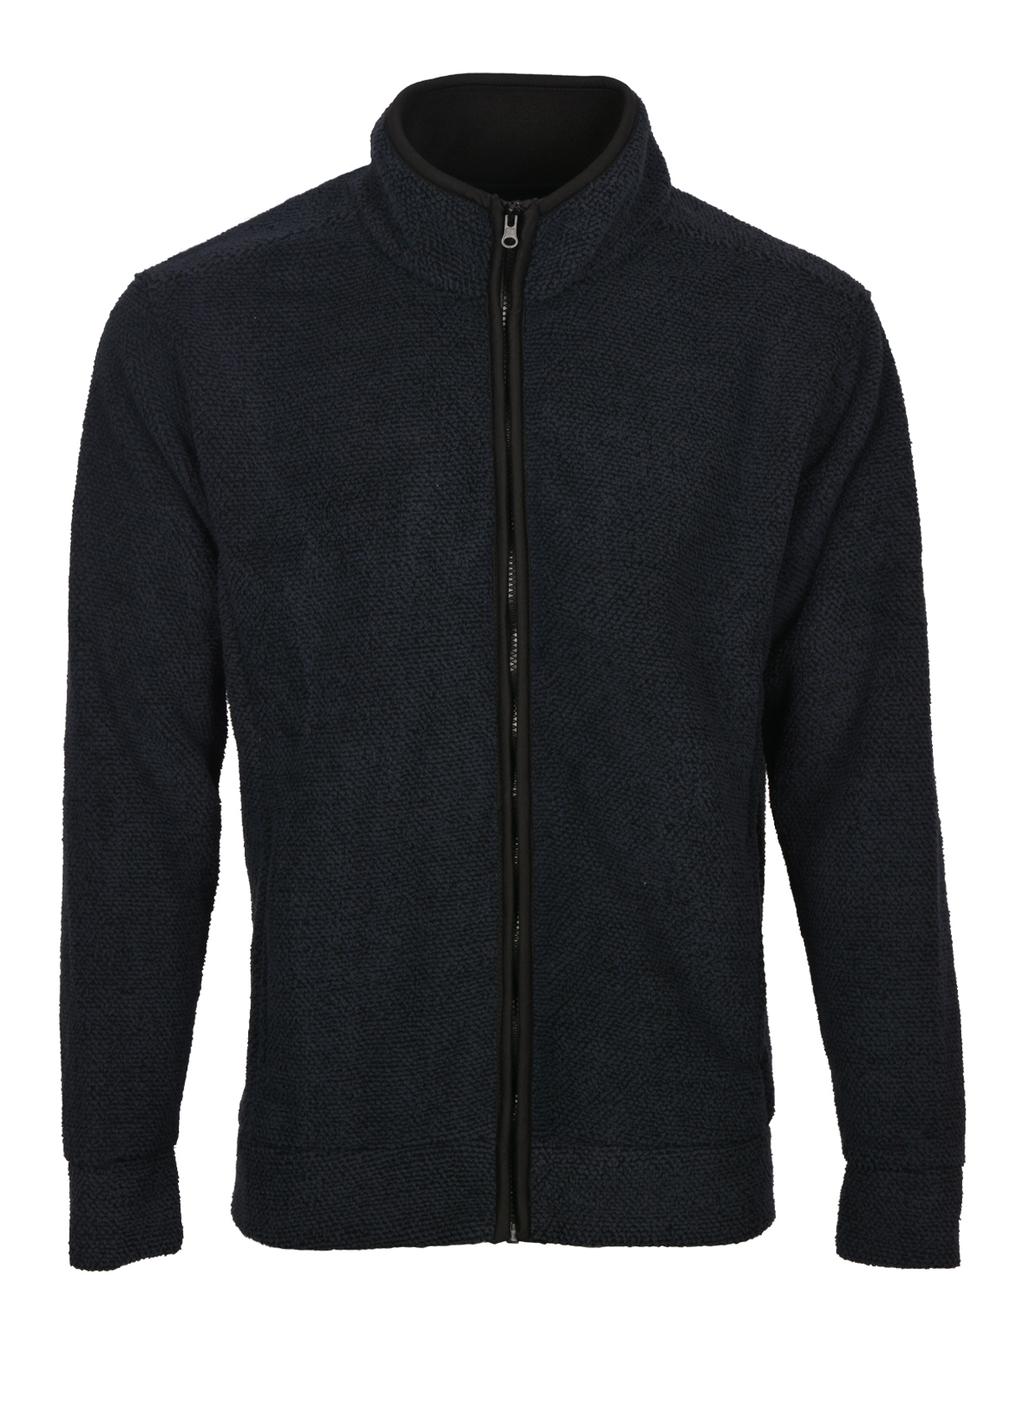 Kingston Fleece Jacket in Navy